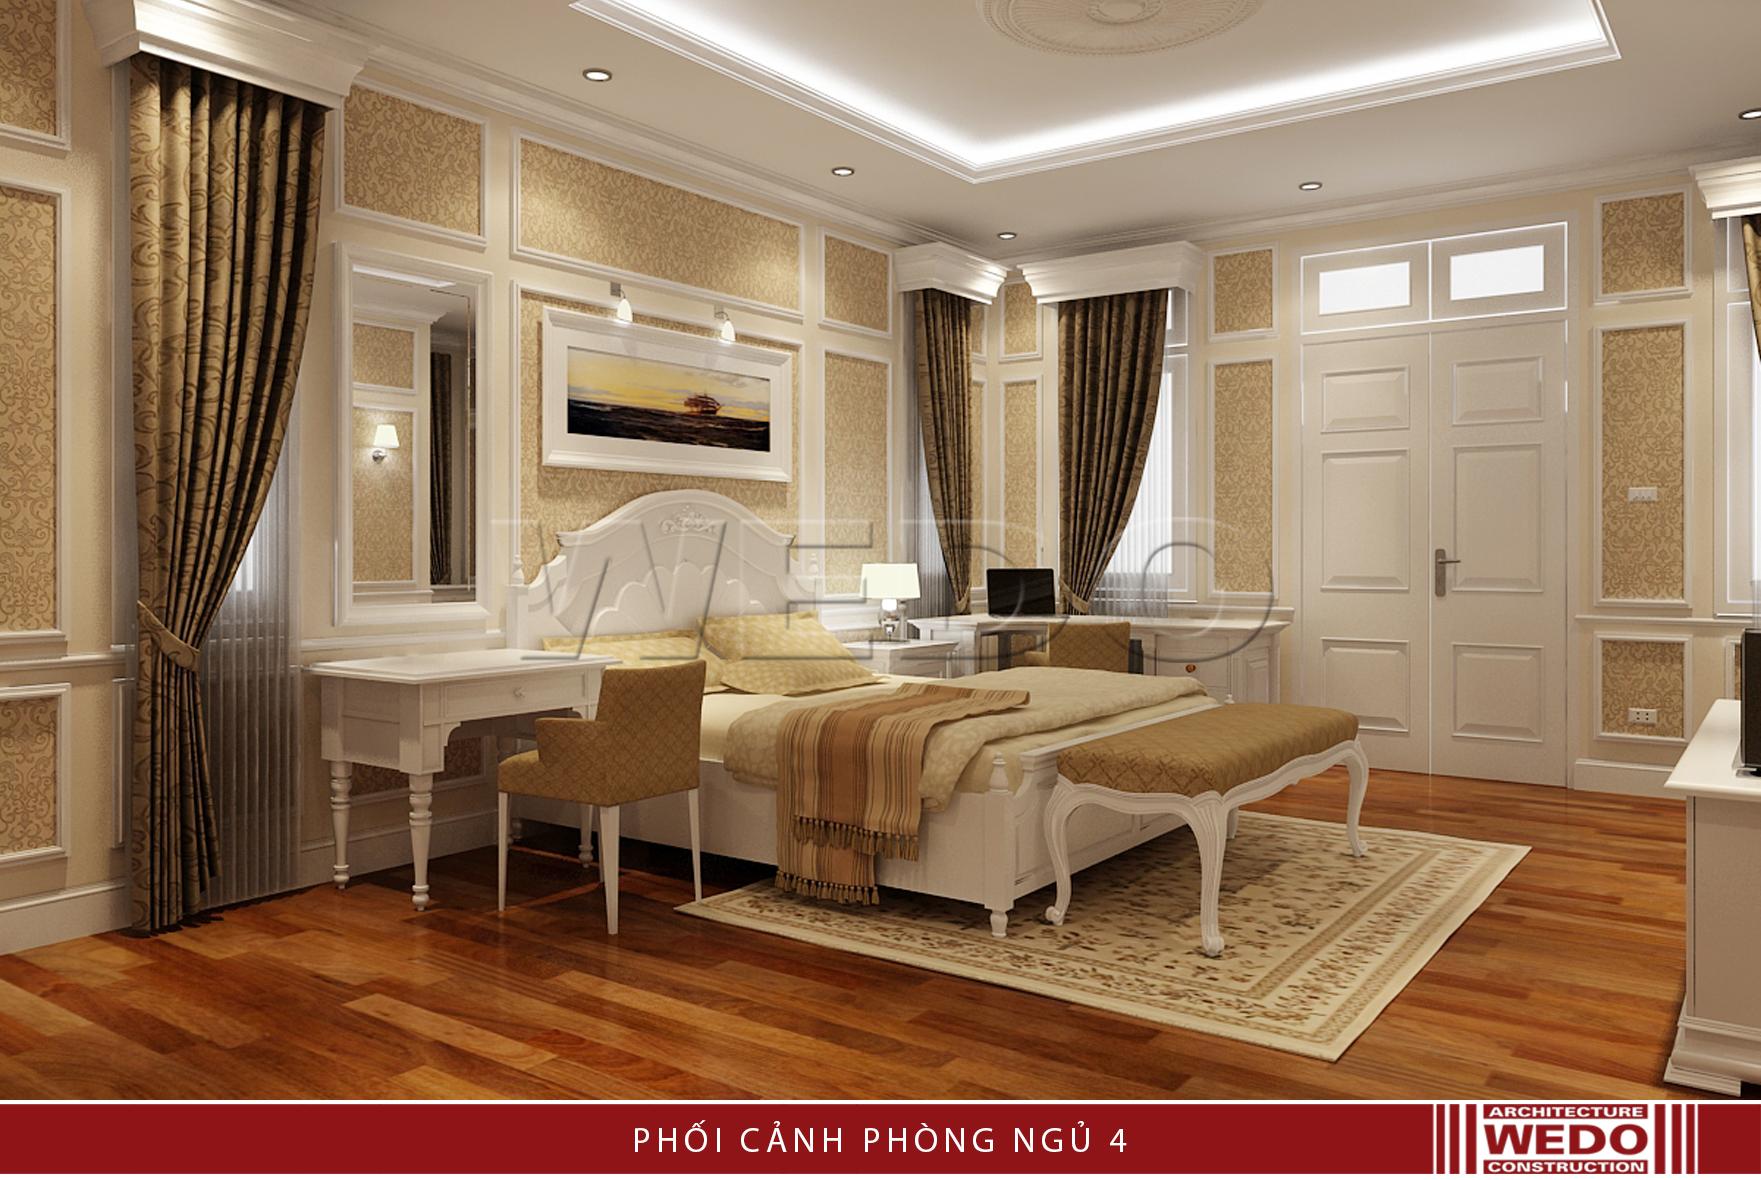 Nội thất phòng ngủ biệt thự Linh đàm